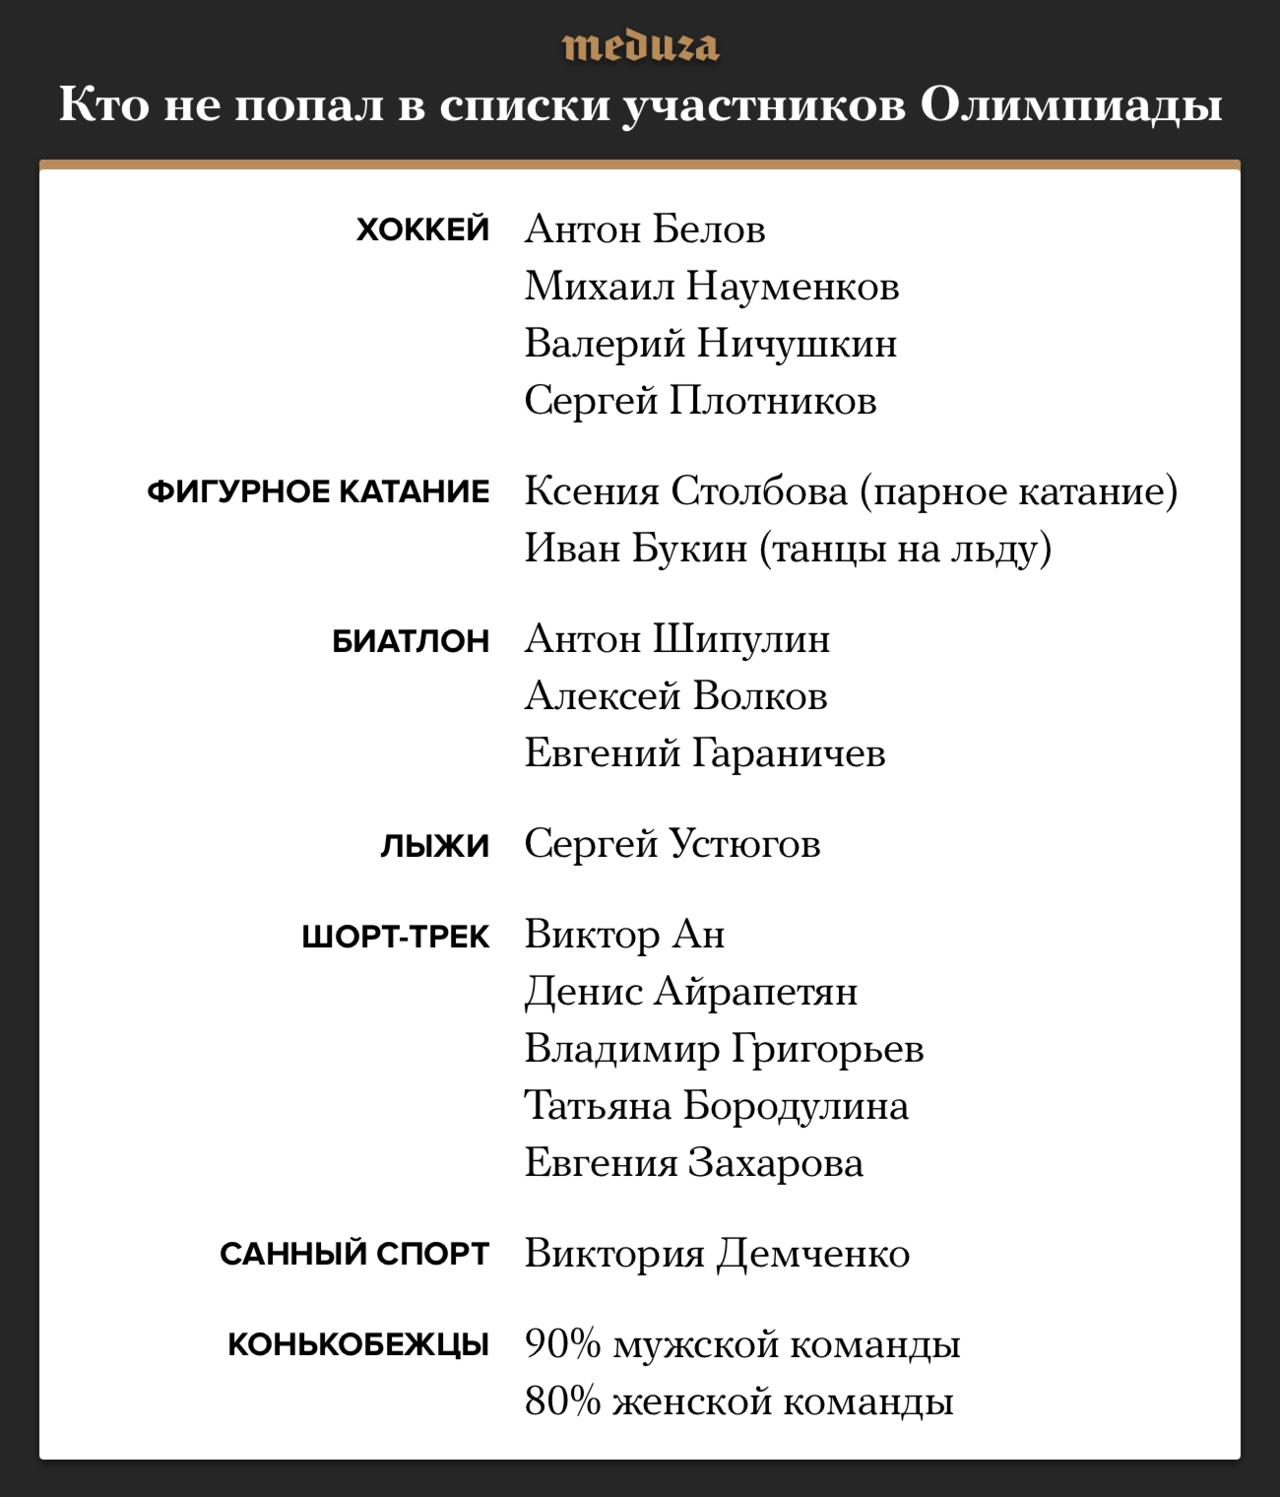 МОК допустил доОлимпийских игр сто шестьдесят девять русских спортсменов